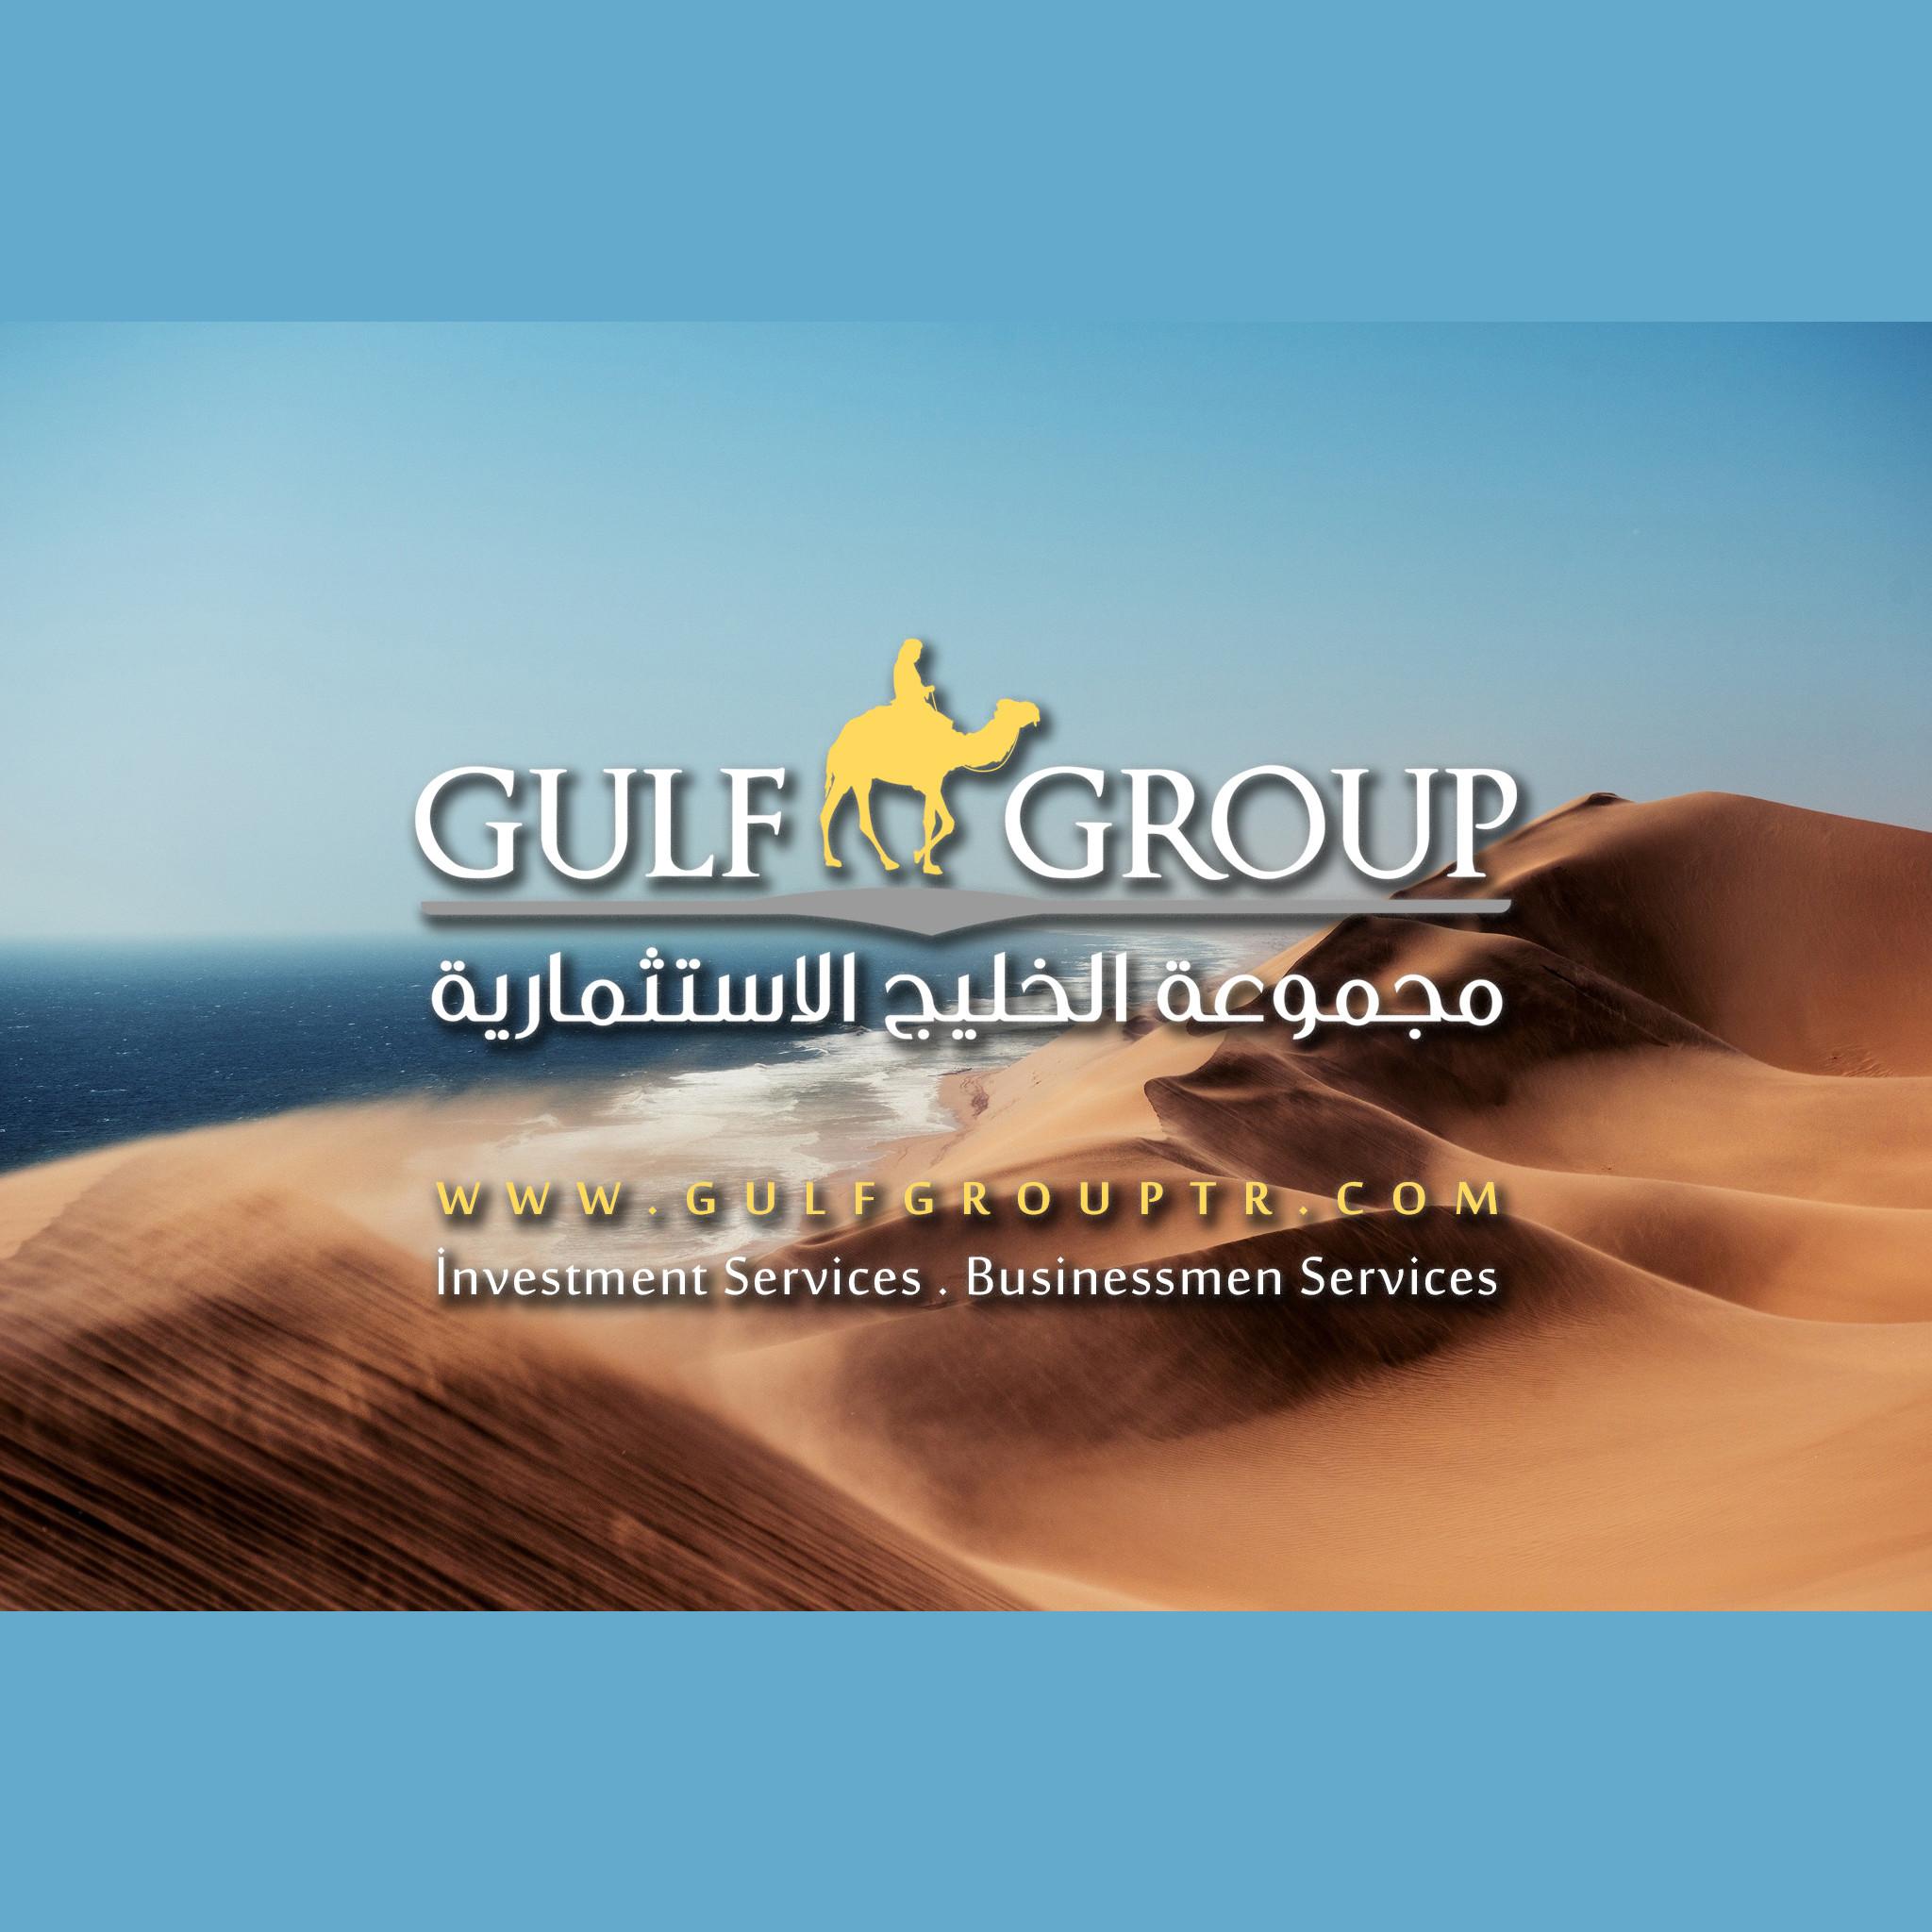 مجموعة الخليج الاستثمارية